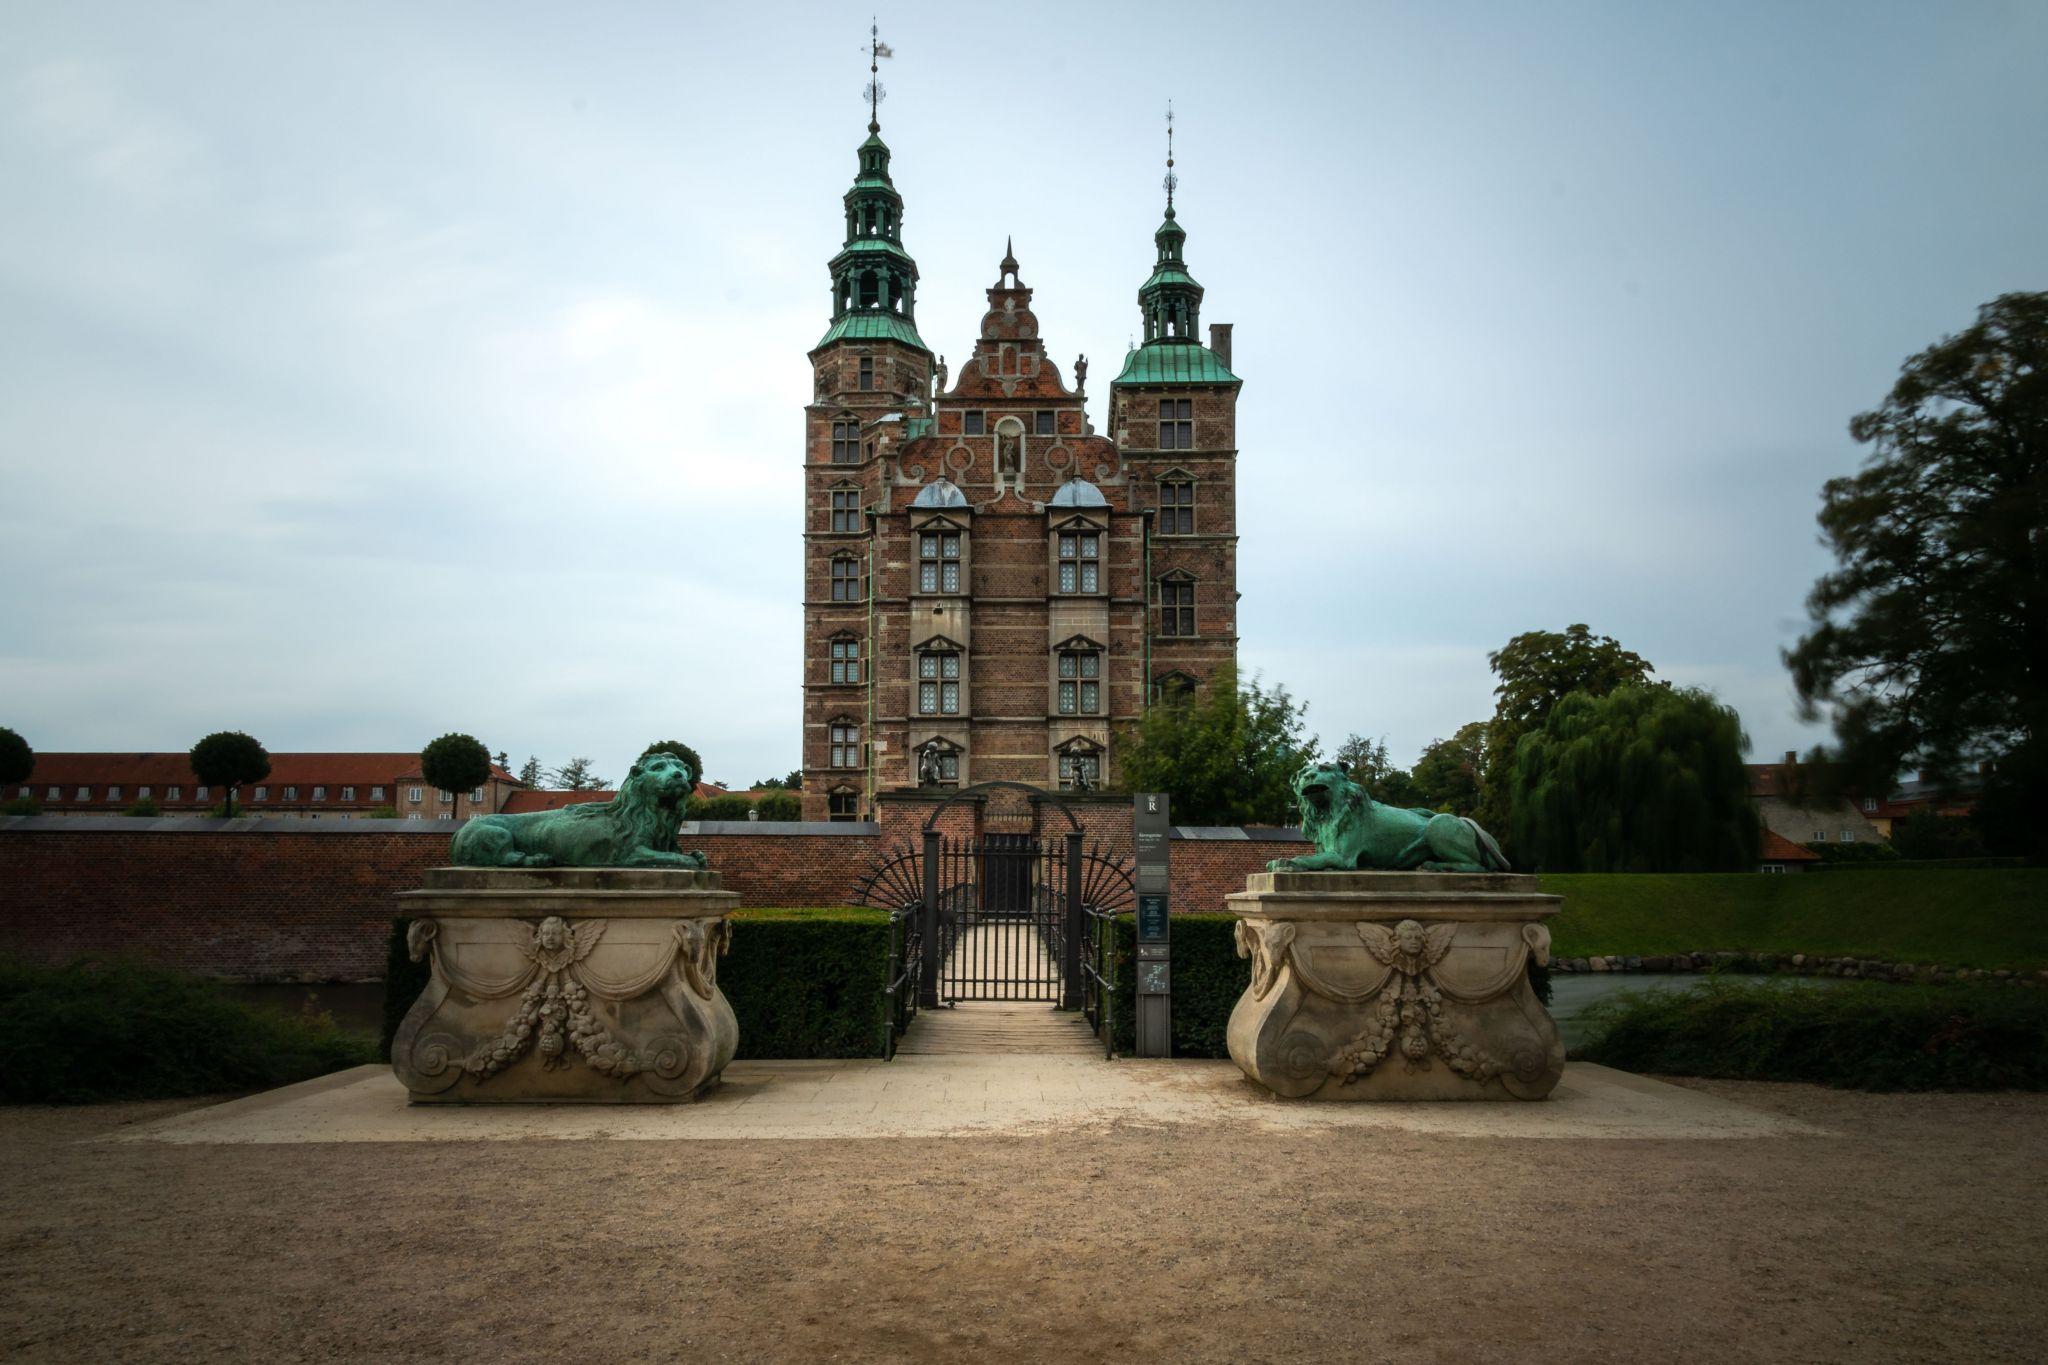 Rosenborg Castle front view, Denmark